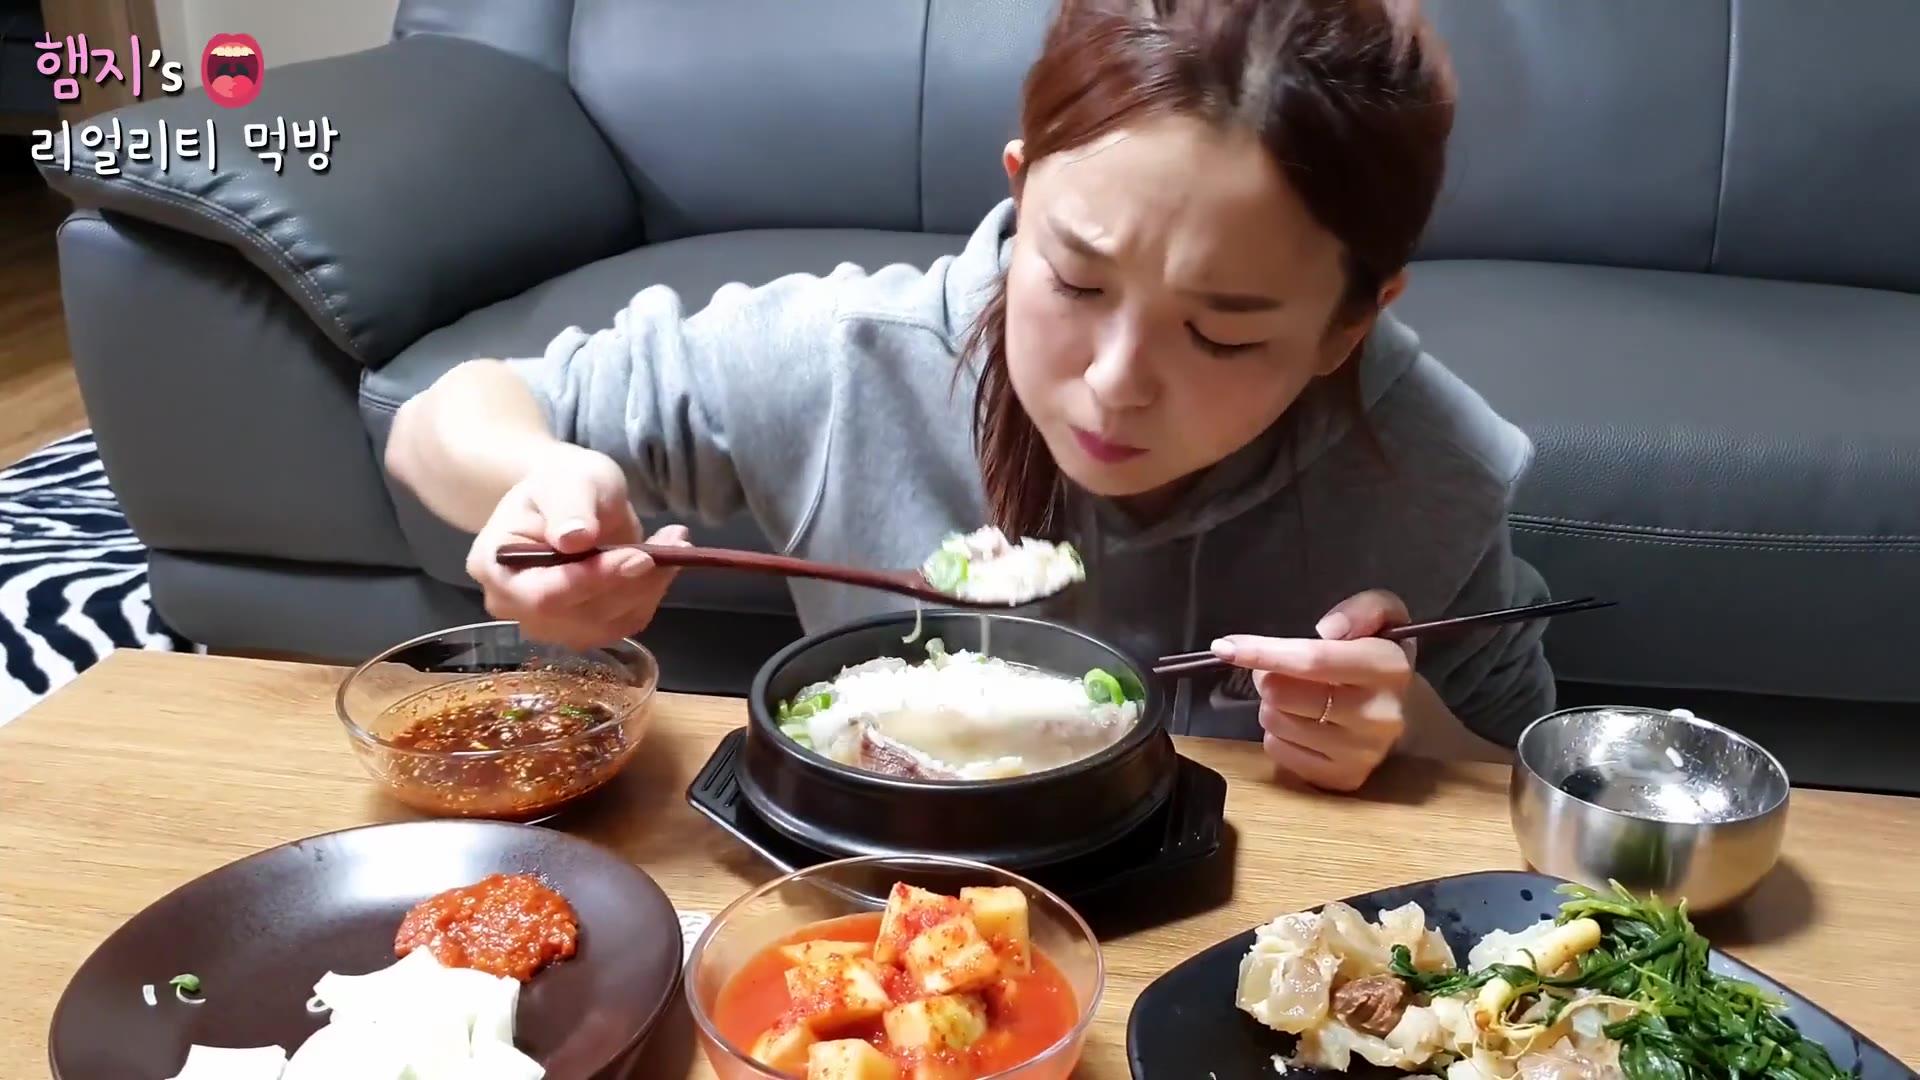 新 【Hamzy超清】 牛筋牛骨卤肉汤饭+烤吐司